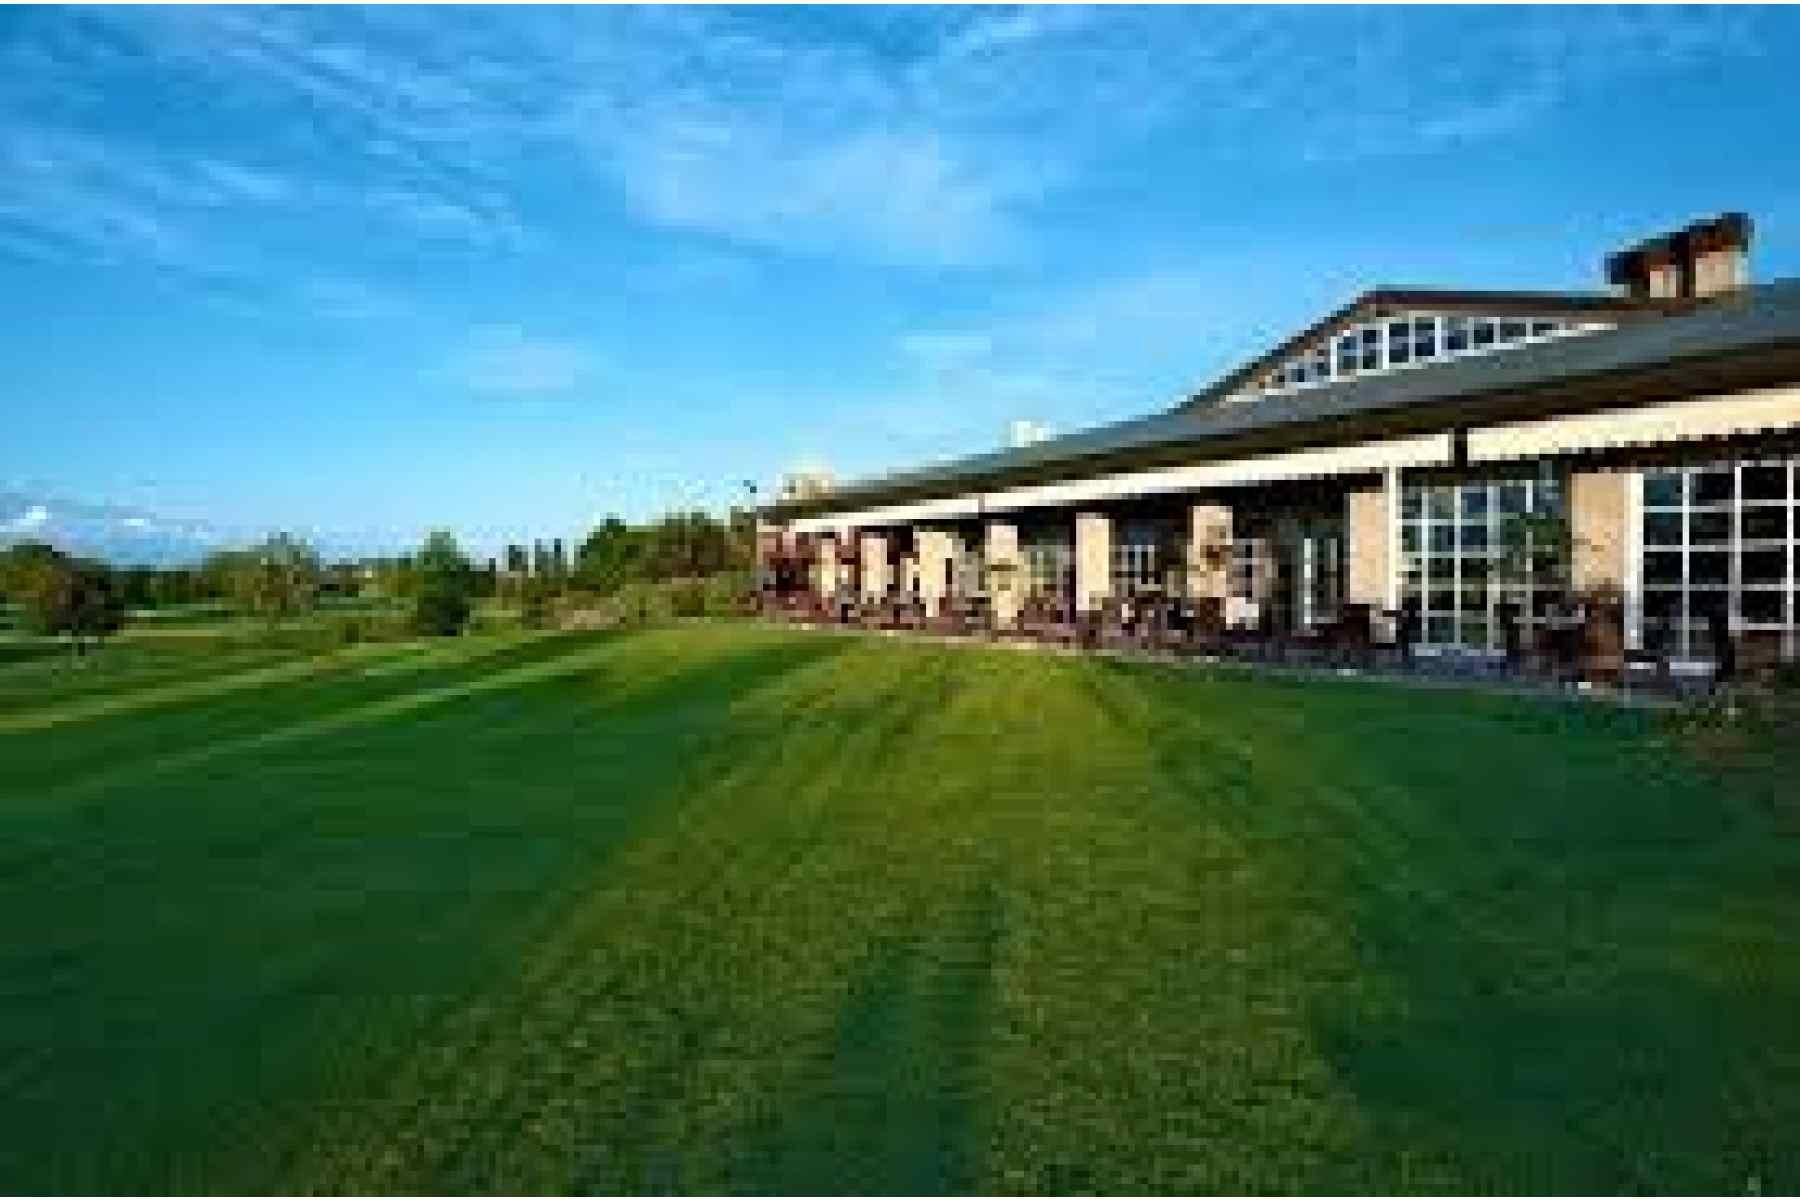 Golf Club & Sea: Lignano  Friuli Venezia Giulia  3 days/ 2 nights - 1 Round in Golf Club Lignano  Wedding Package